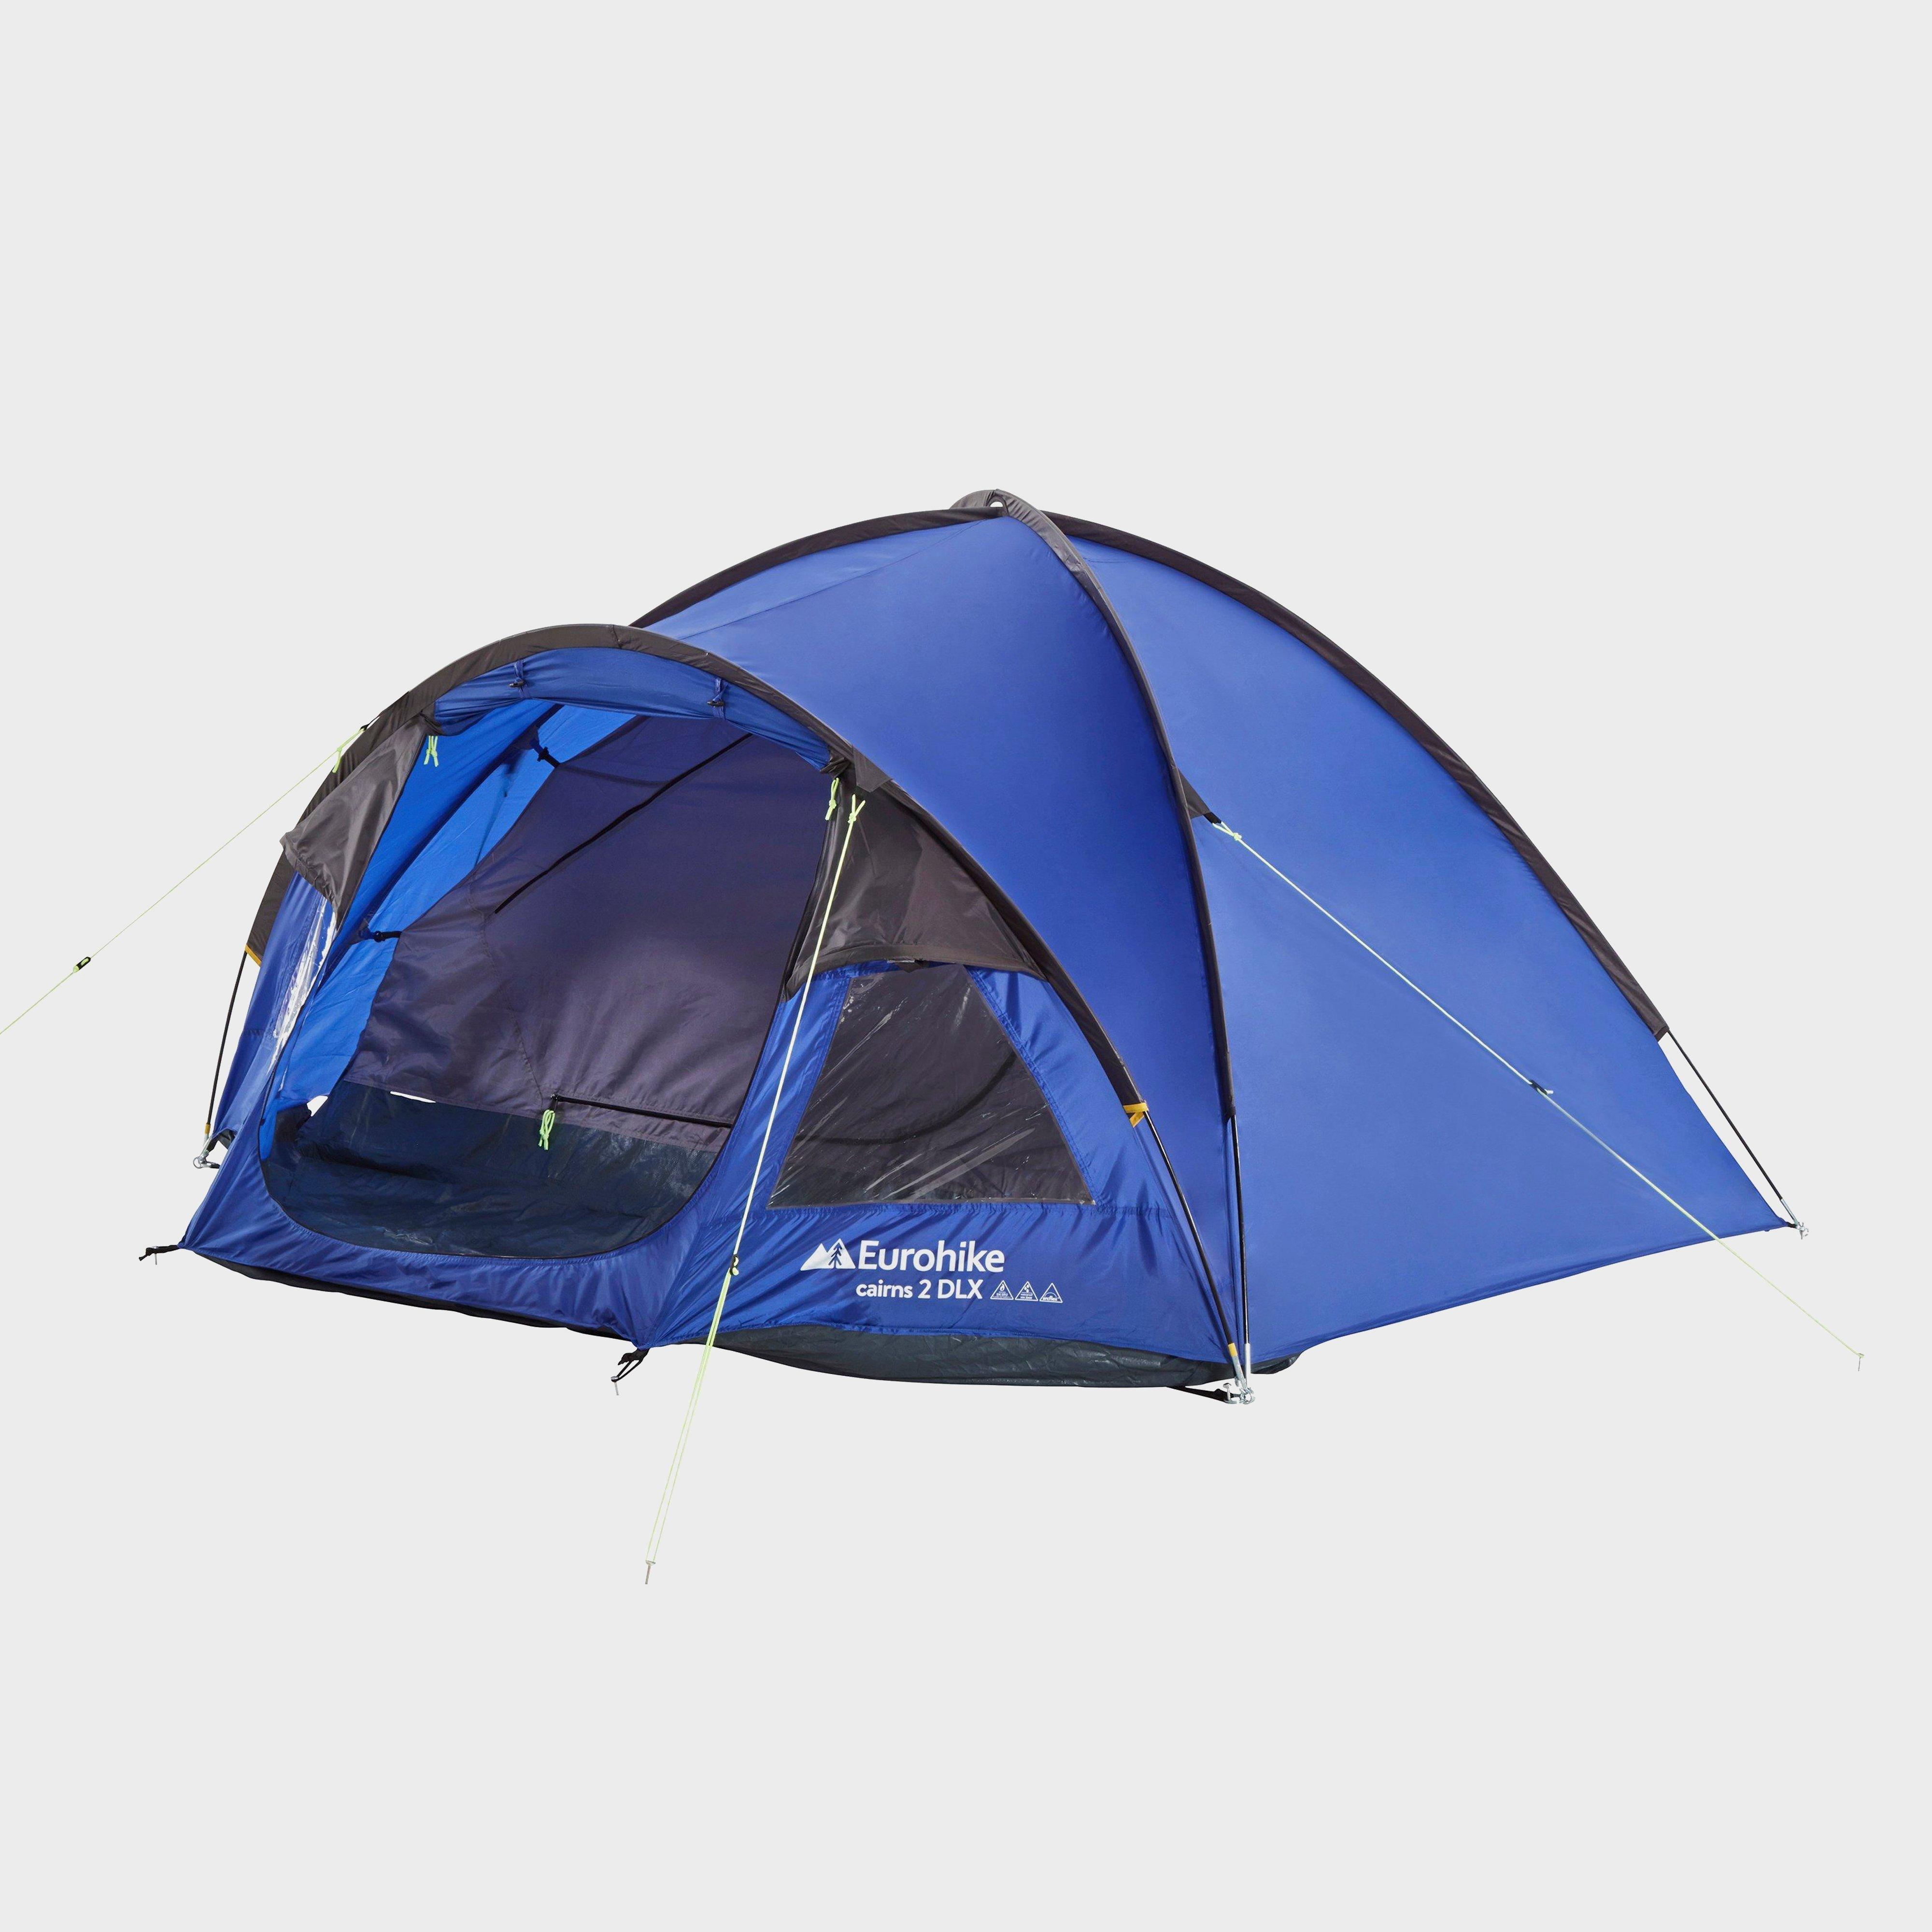 Eurohike Eurohike Cairns 2 DLX Nightfall Tent, Blue